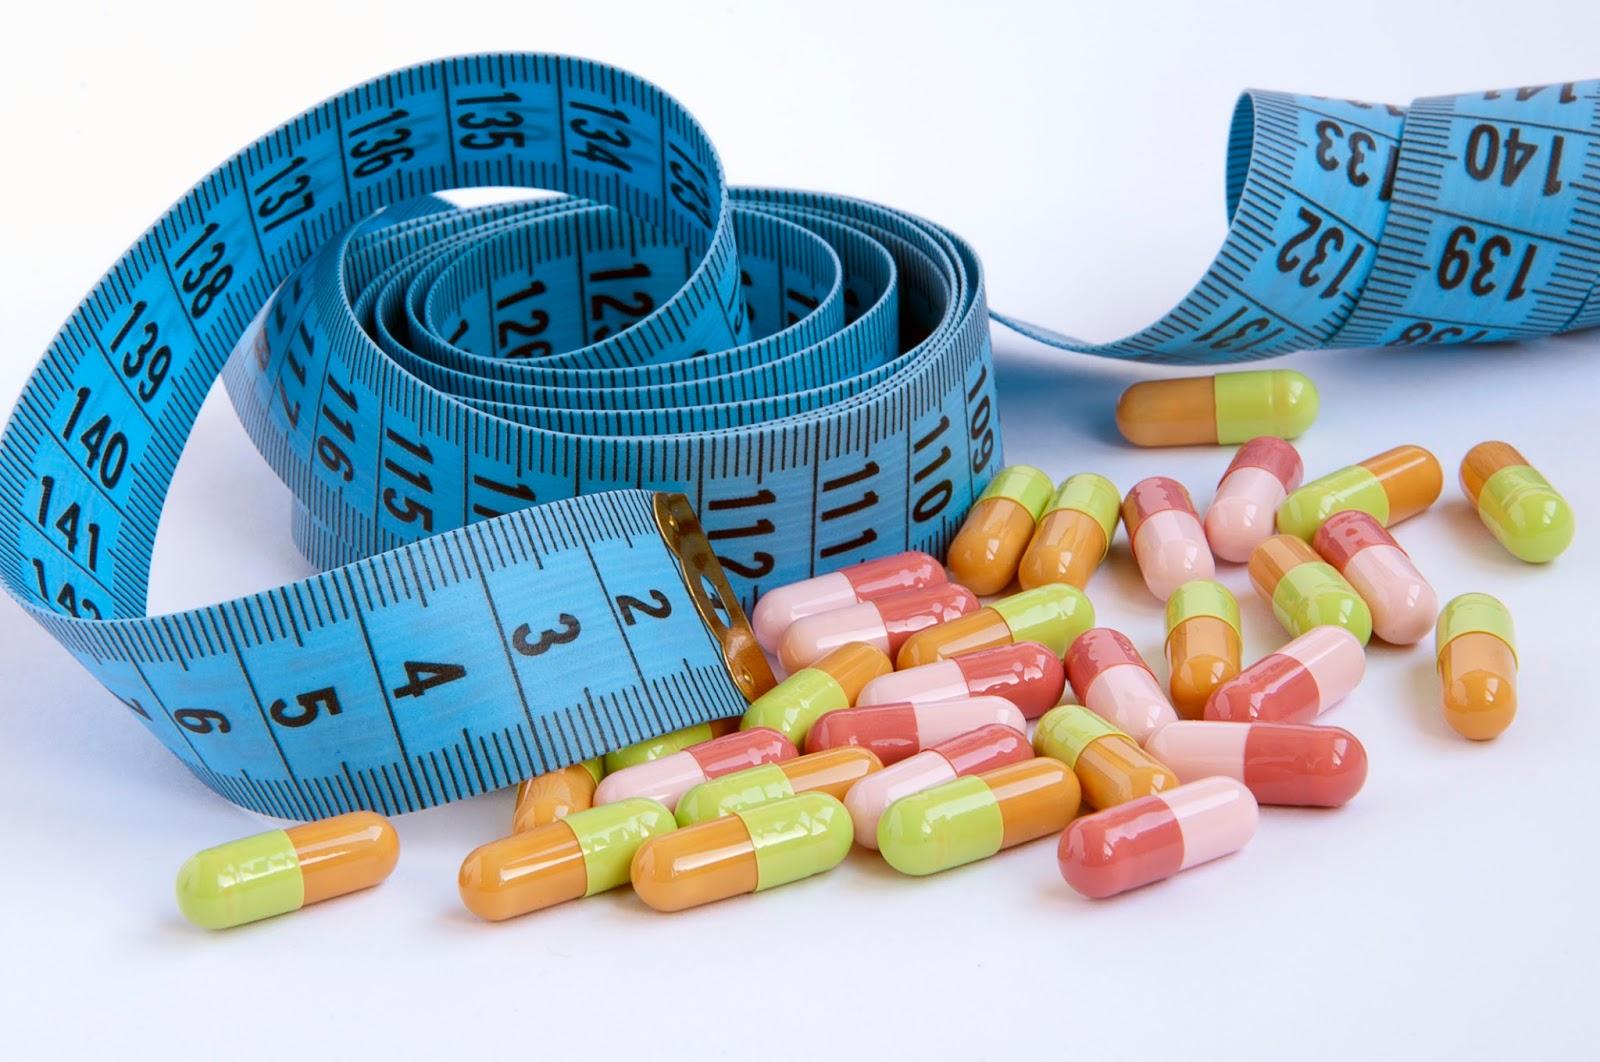 Funcionan las pastillas alli para adelgazar